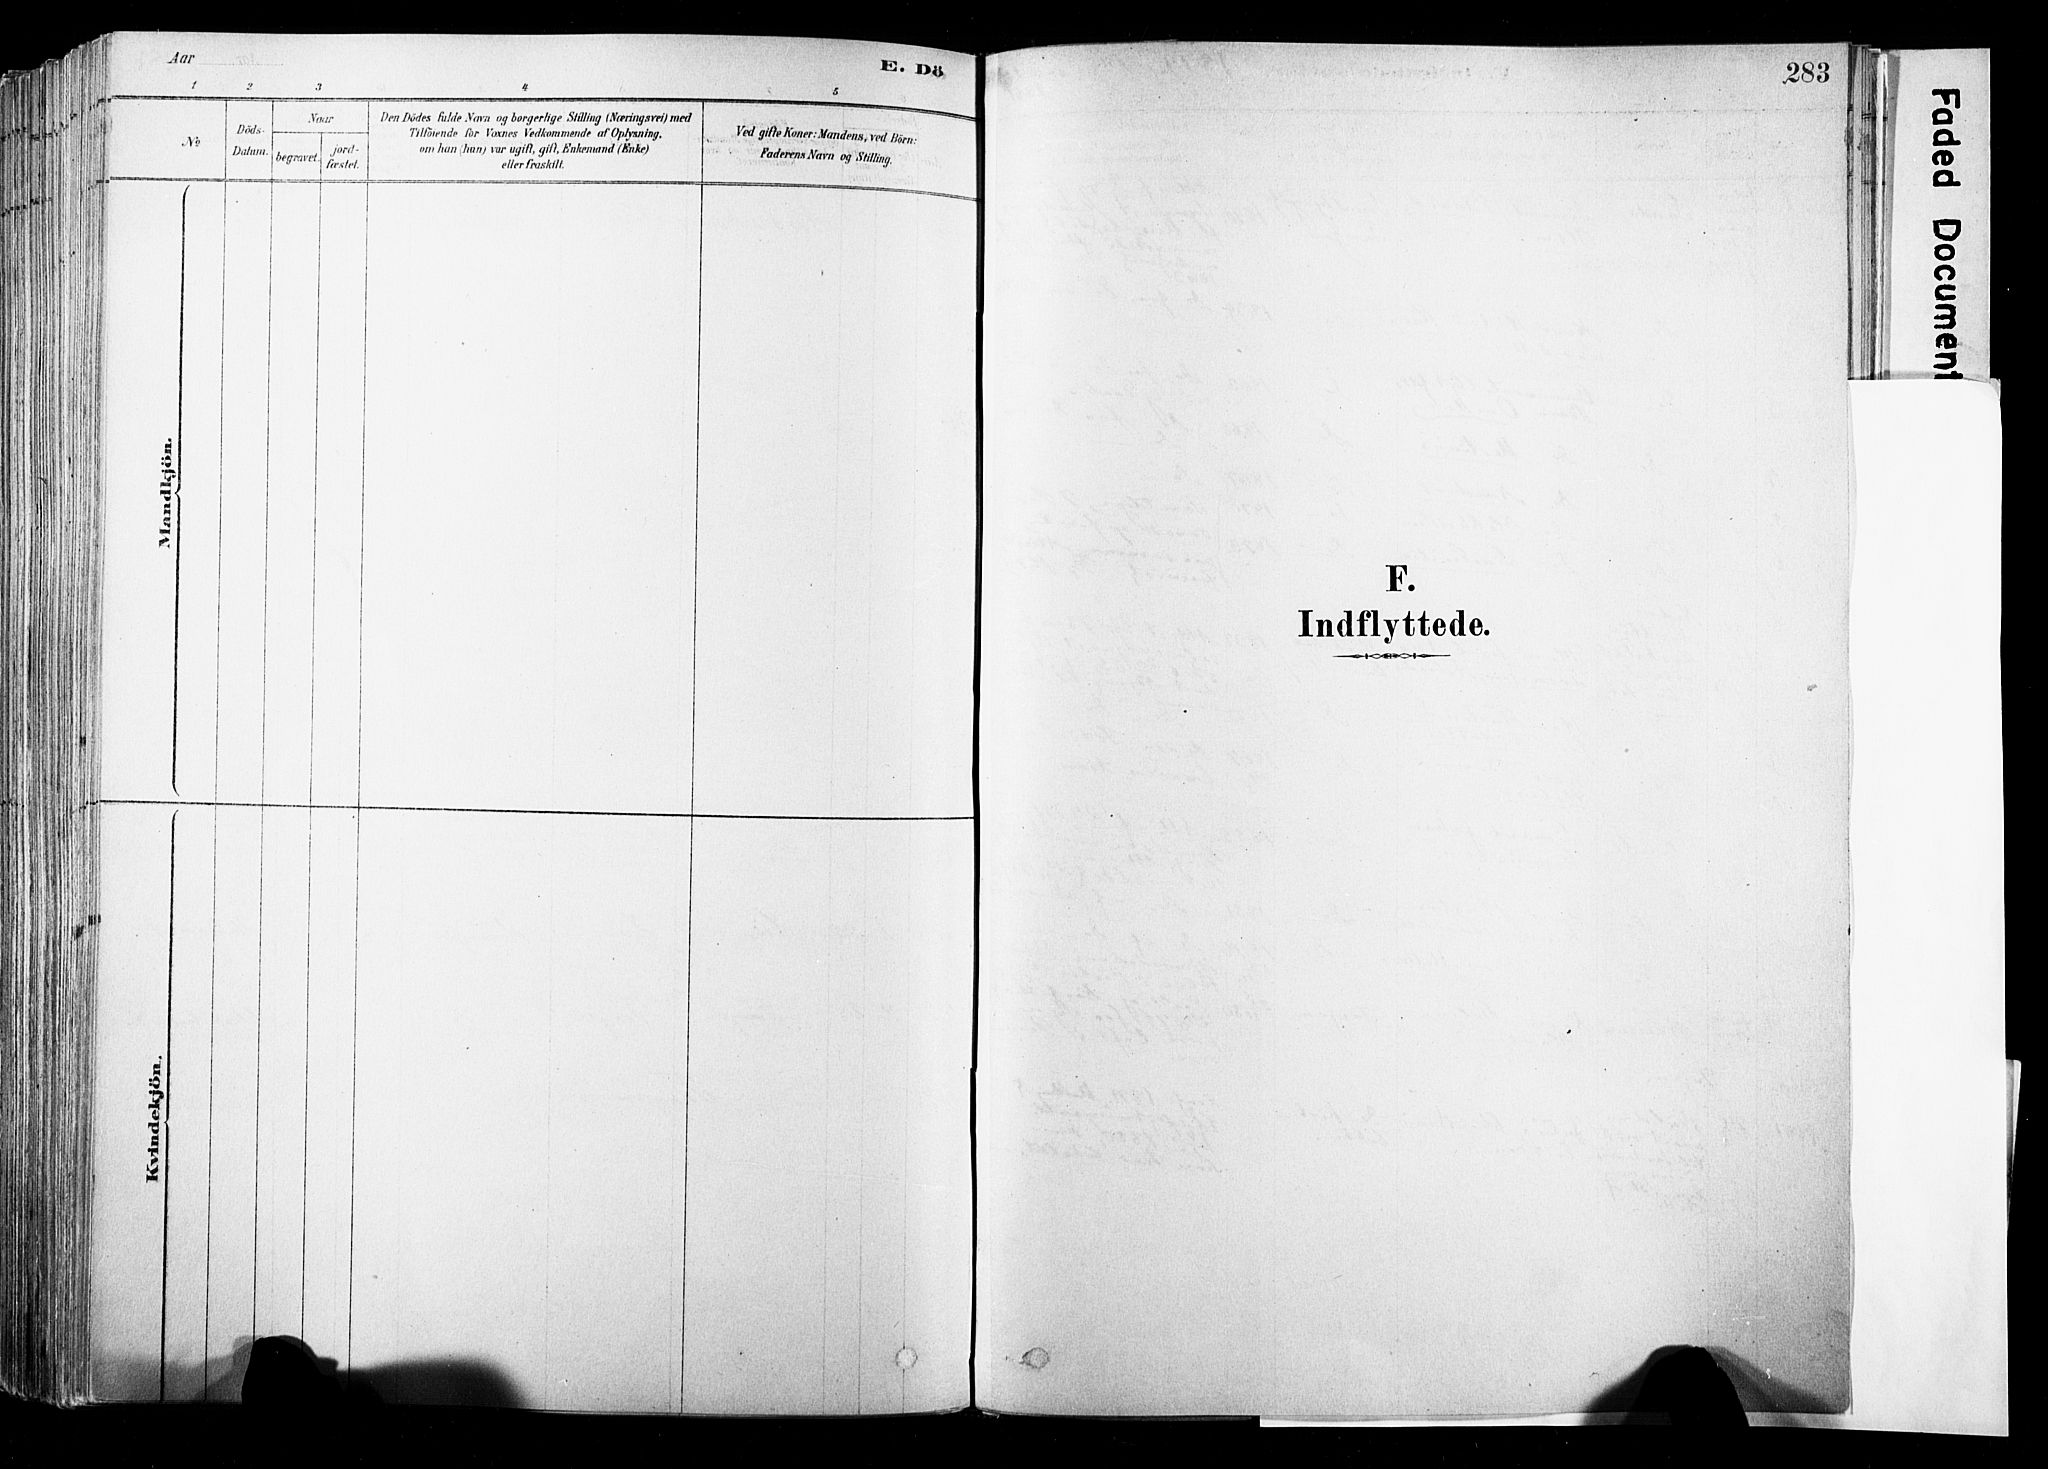 SAKO, Strømsø kirkebøker, F/Fb/L0006: Ministerialbok nr. II 6, 1879-1910, s. 283